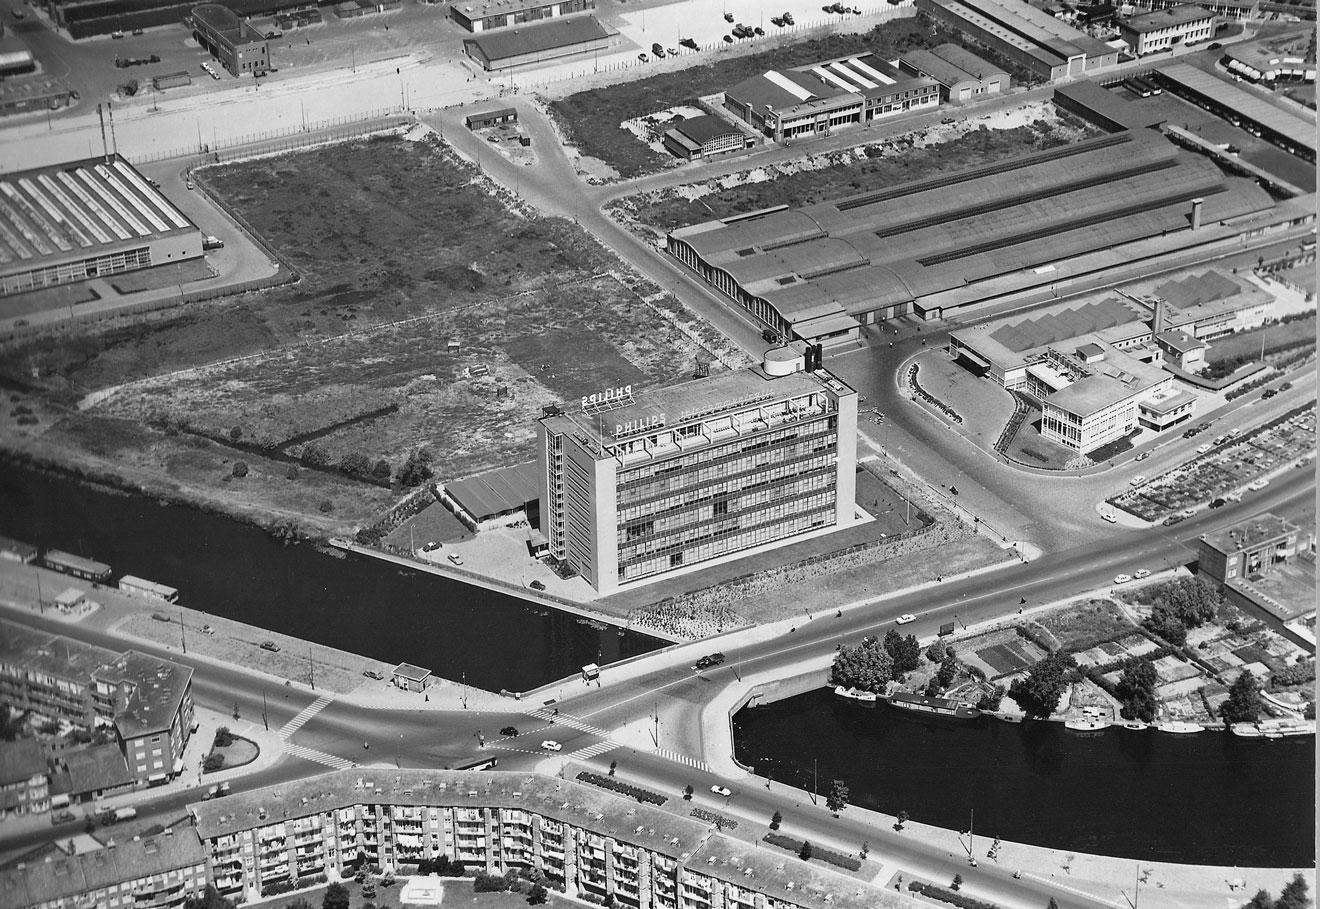 De nieuwe Philipsfabriek te midden van het in aanleg verkerende Fruitweg industrieterrein, 1959. (Verzameling Haags Gemeentearchief)